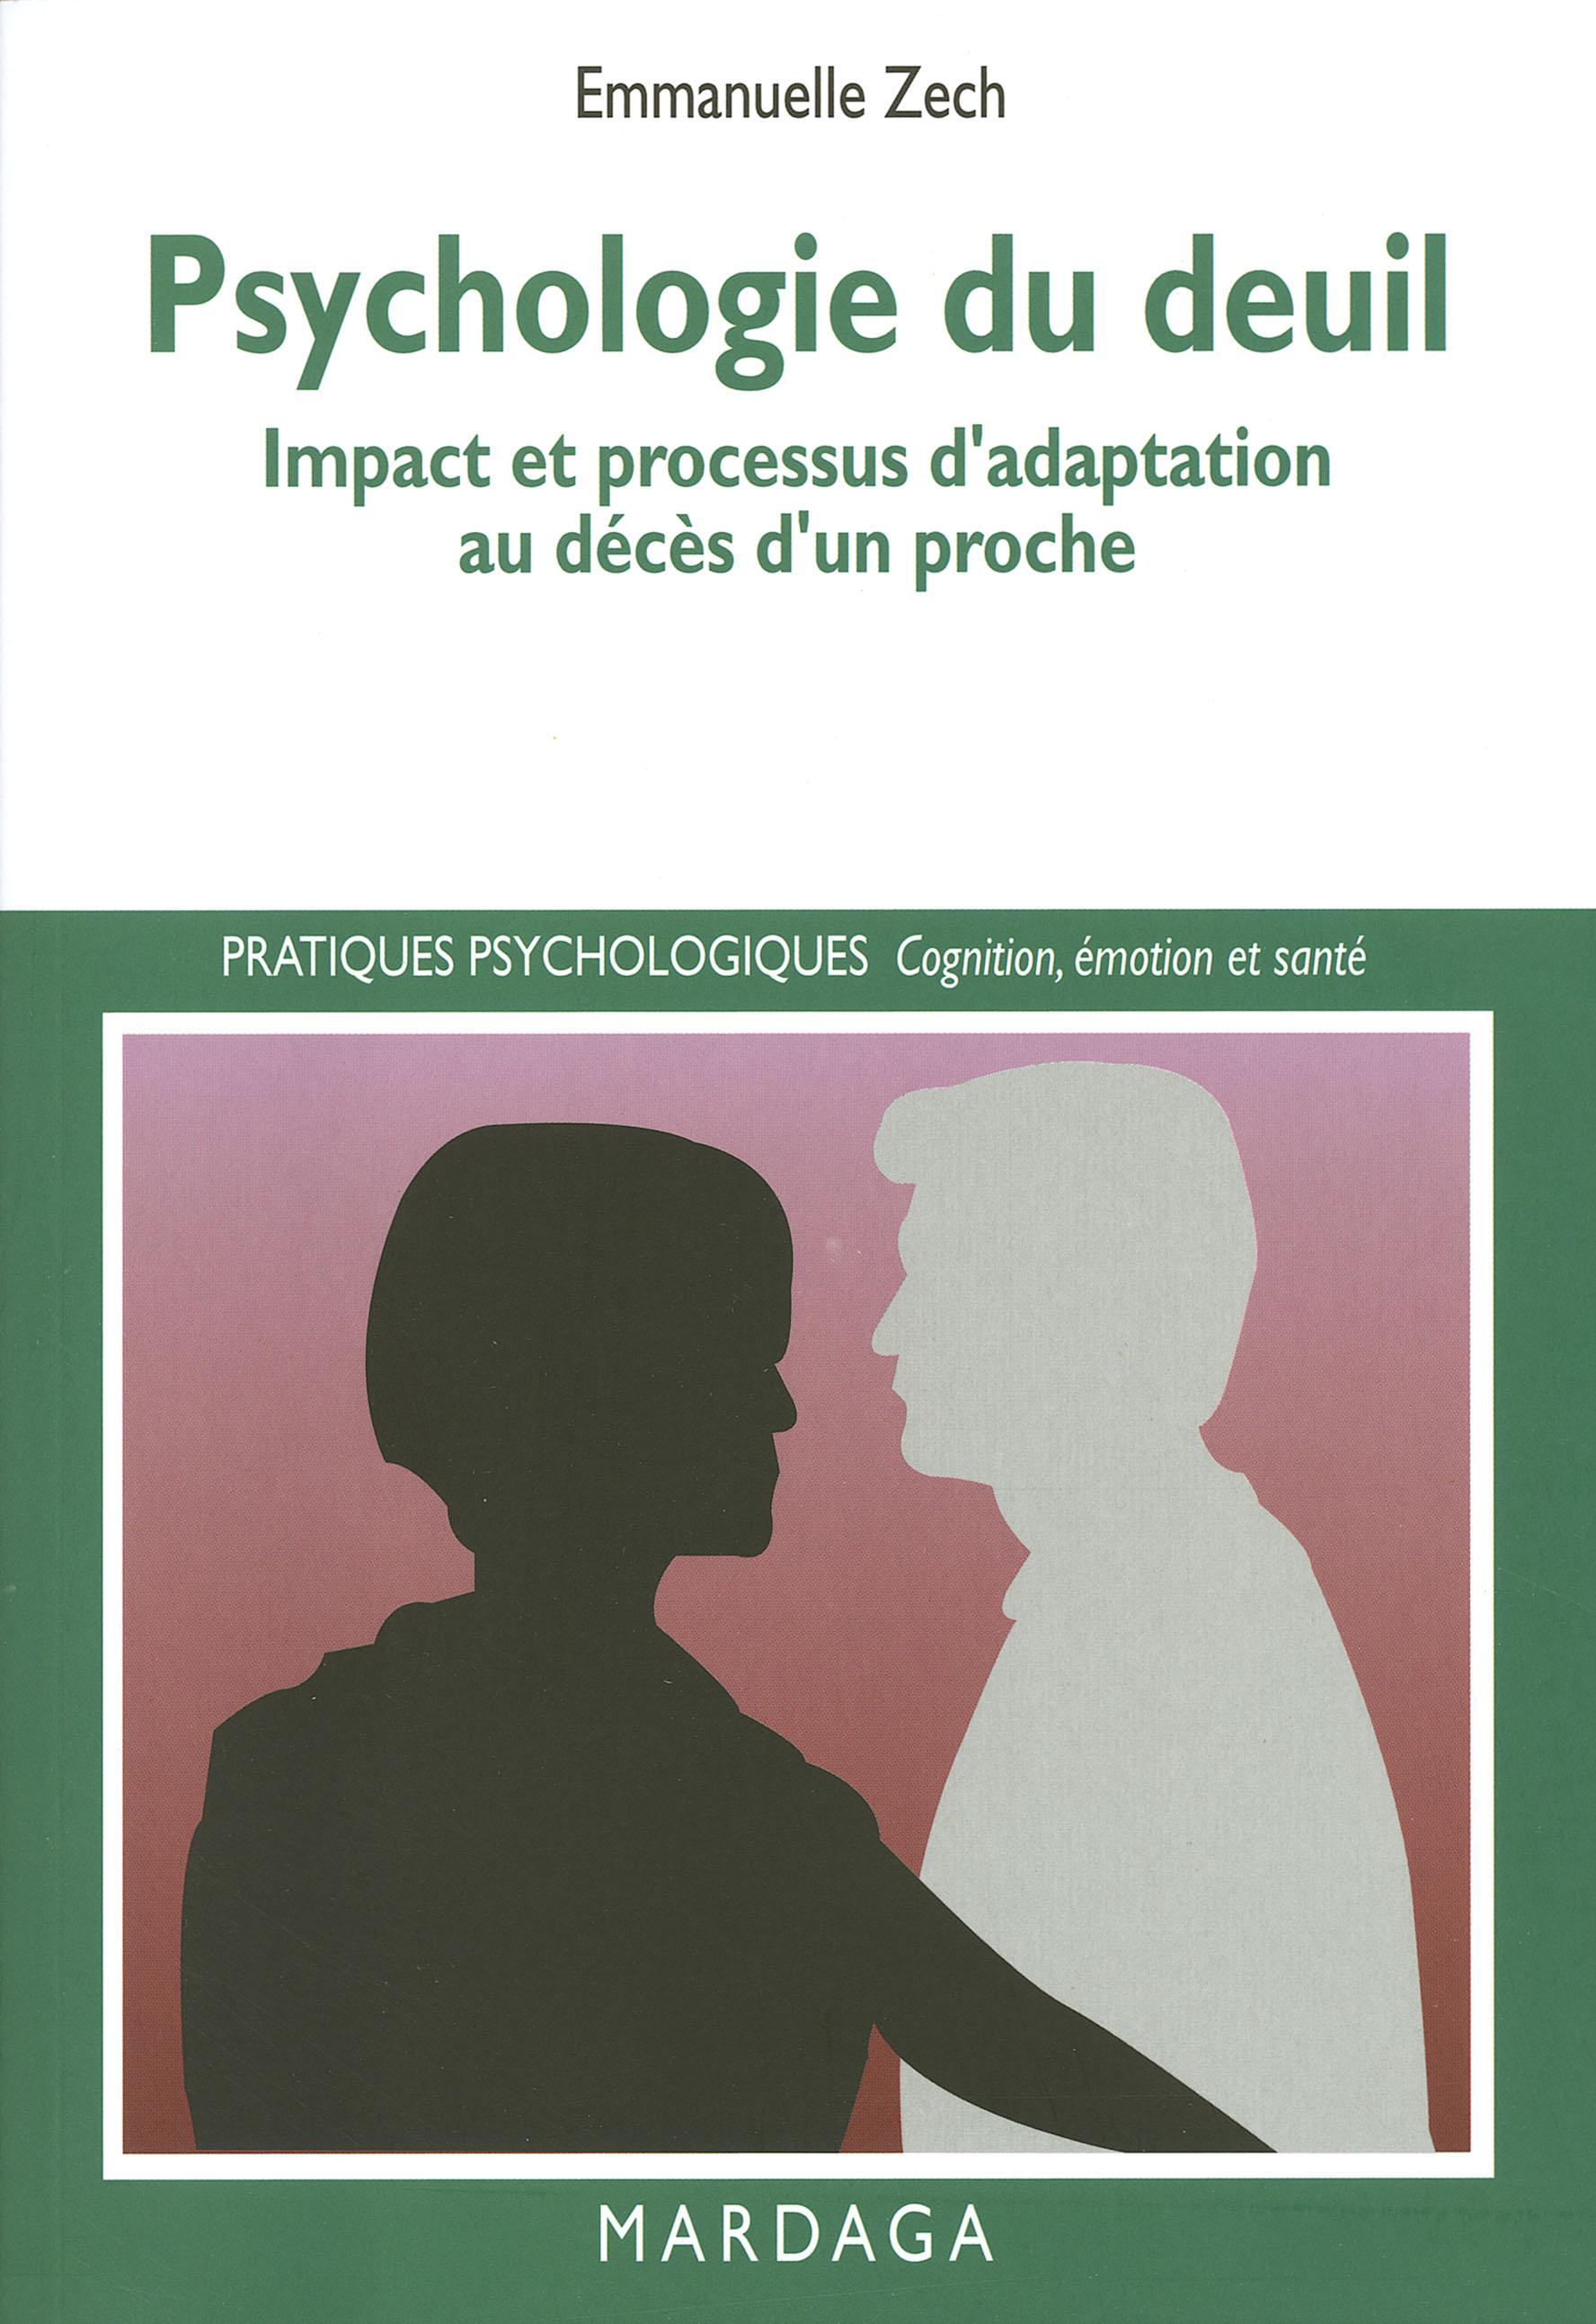 Psychologie du deuil, Impact et processus d'adaptation au décès d'un proche